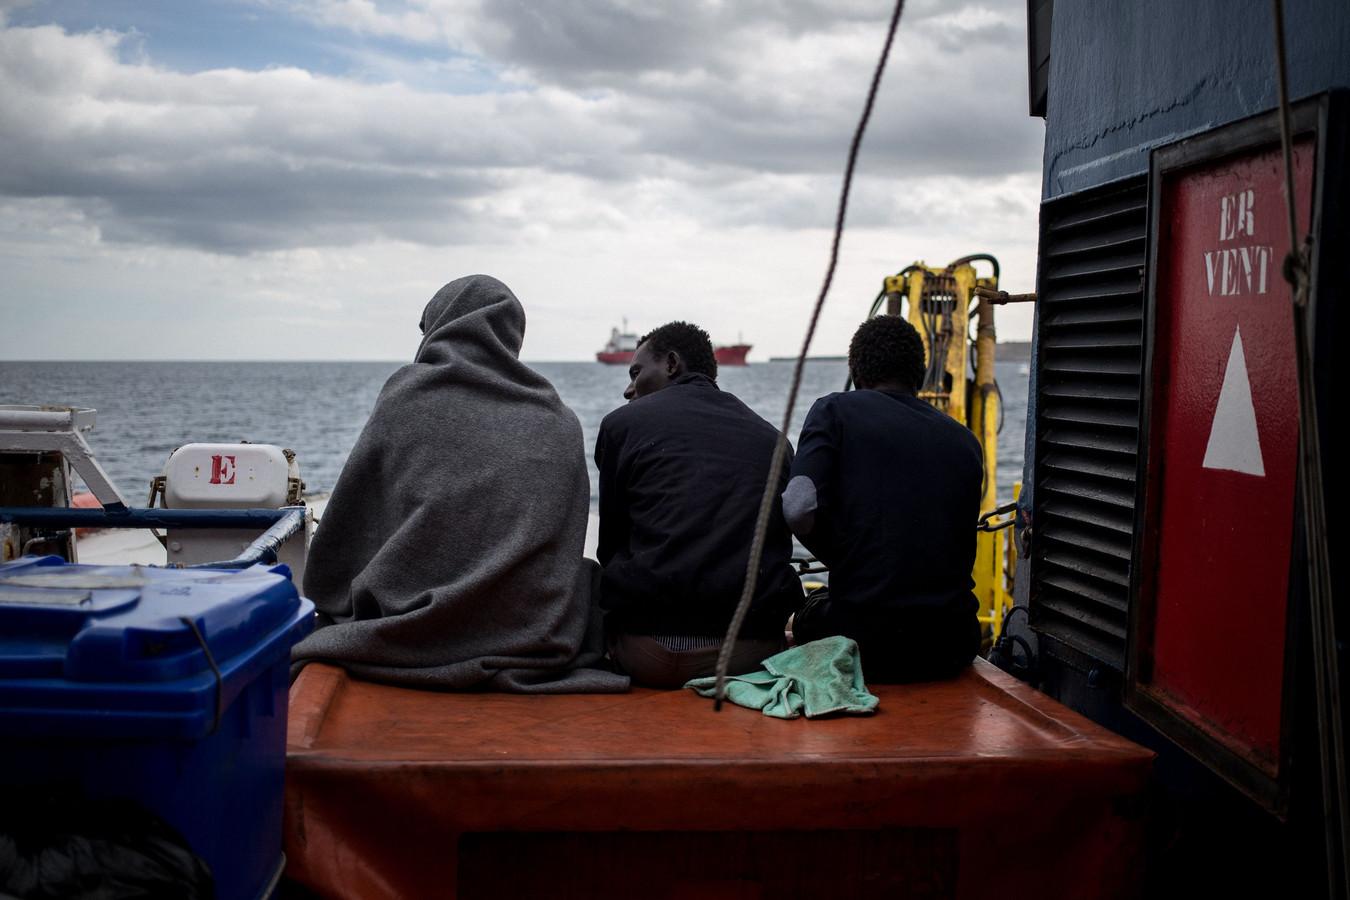 Drie van de migranten kijken uit over het water.